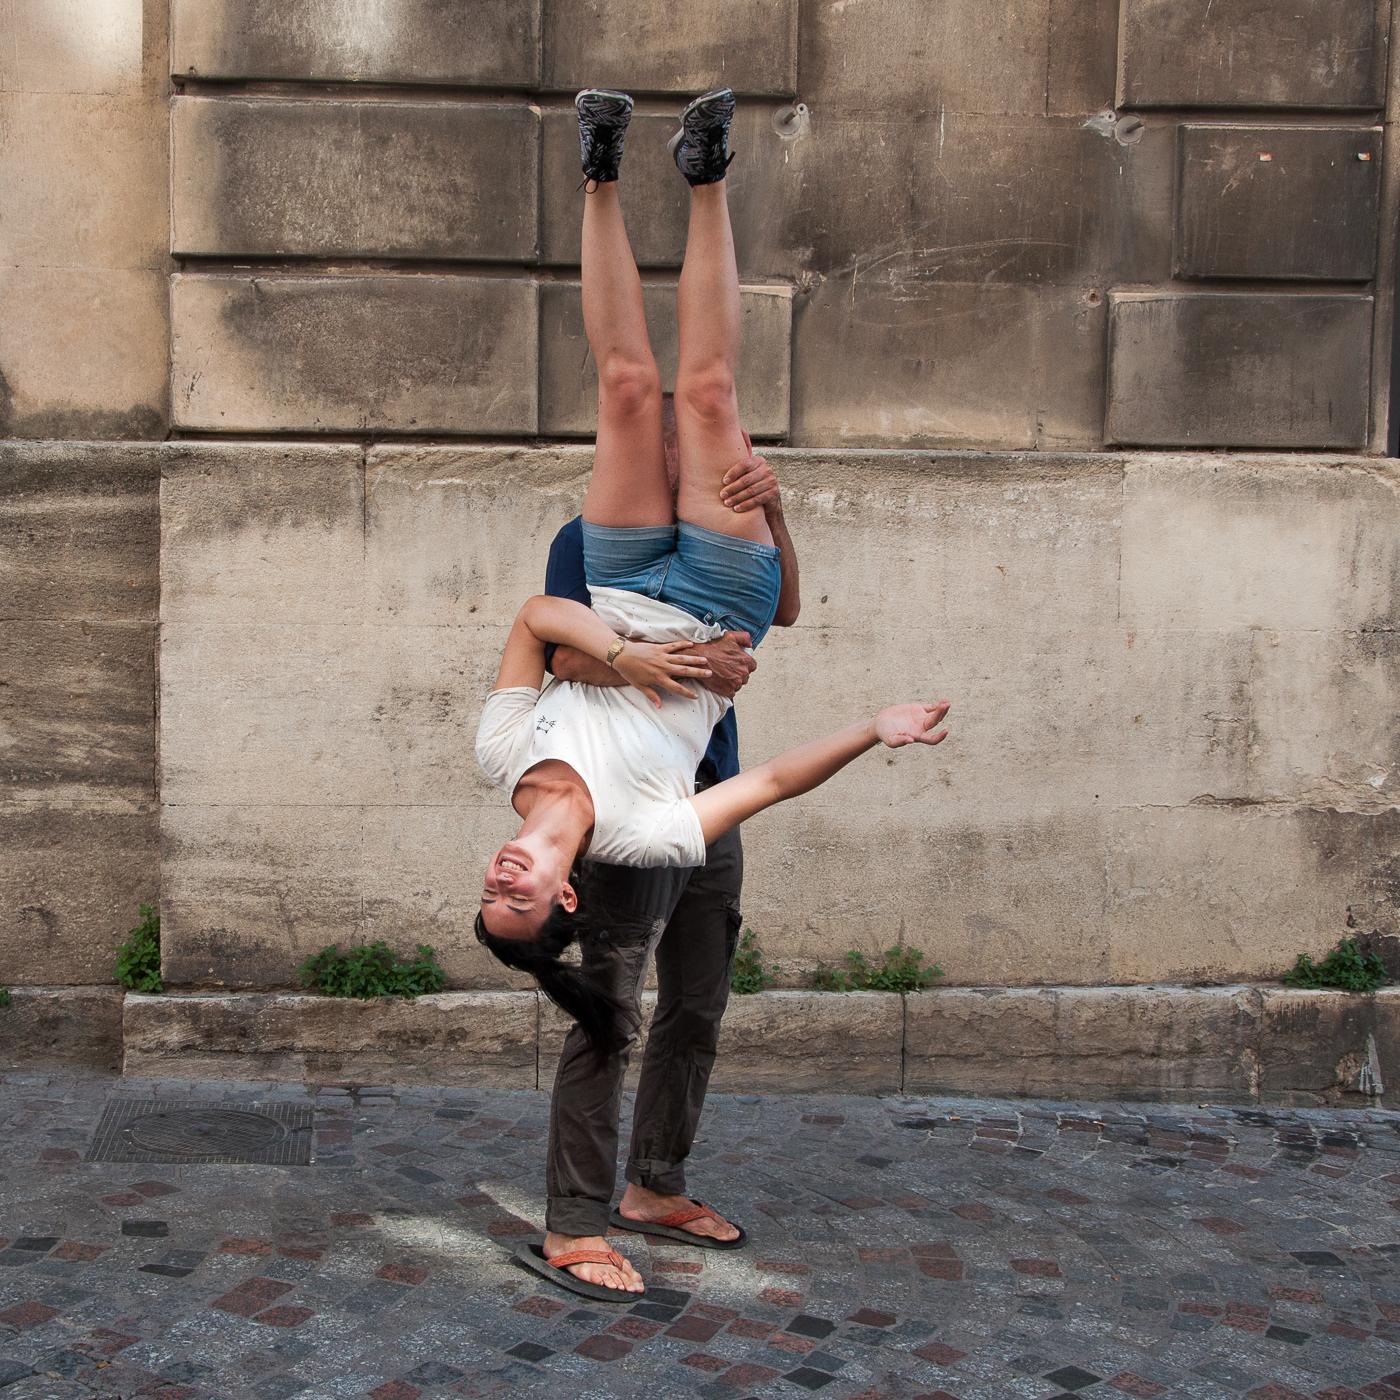 Arles_2015_-_La_tête_en_bas